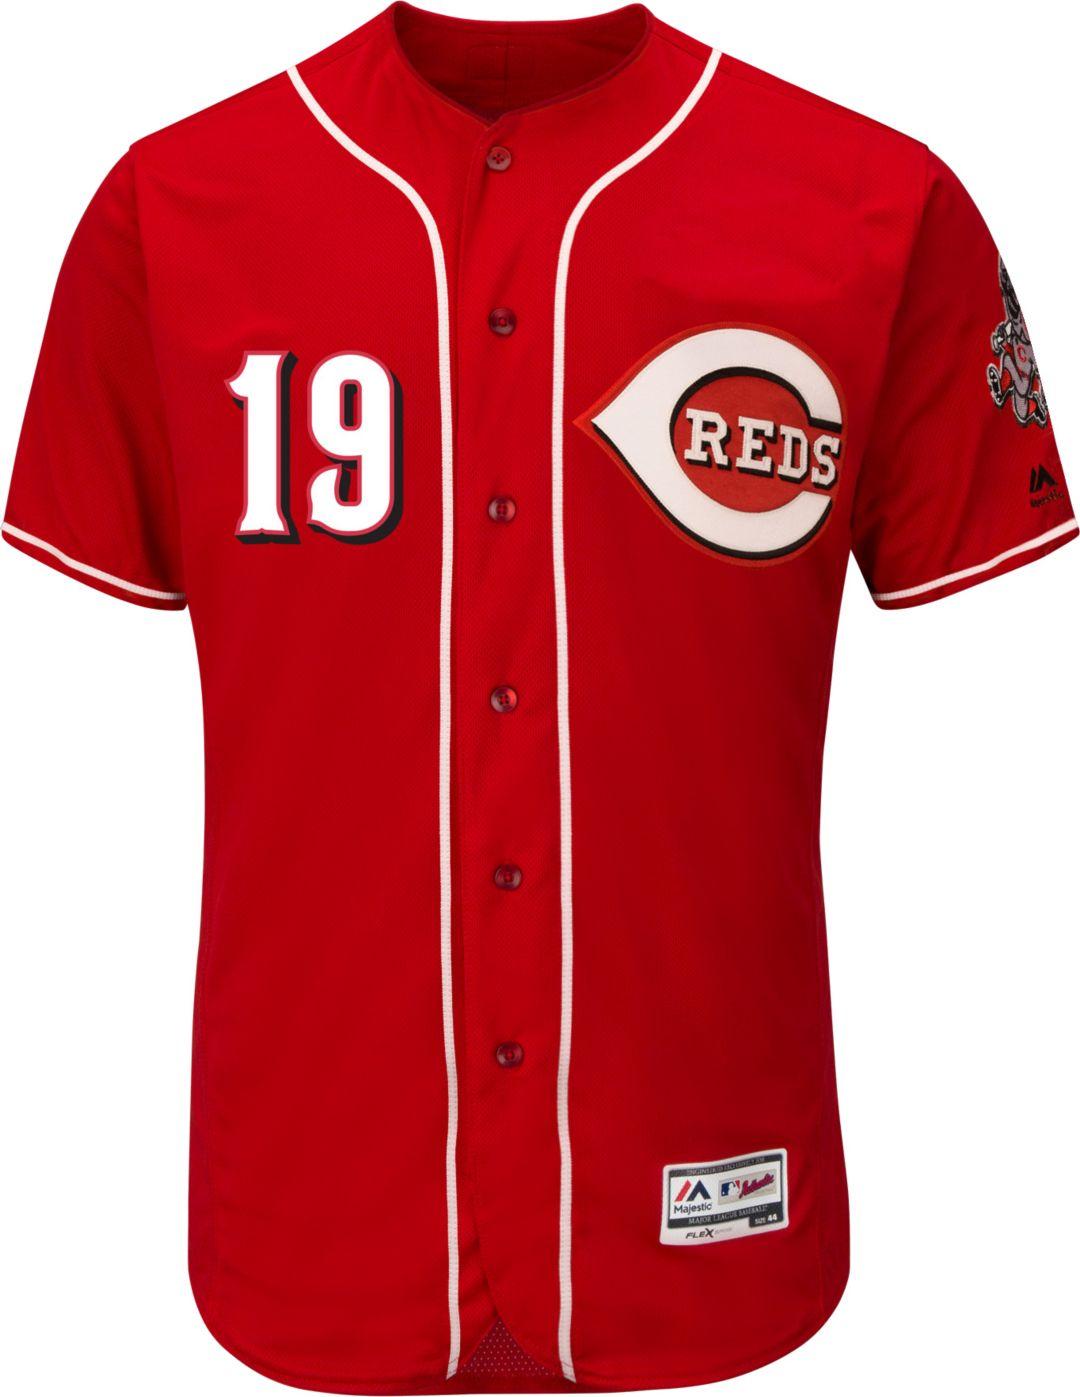 f84a171e4 Majestic Men's Authentic Cincinnati Reds Joey Votto #19 Alternate ...